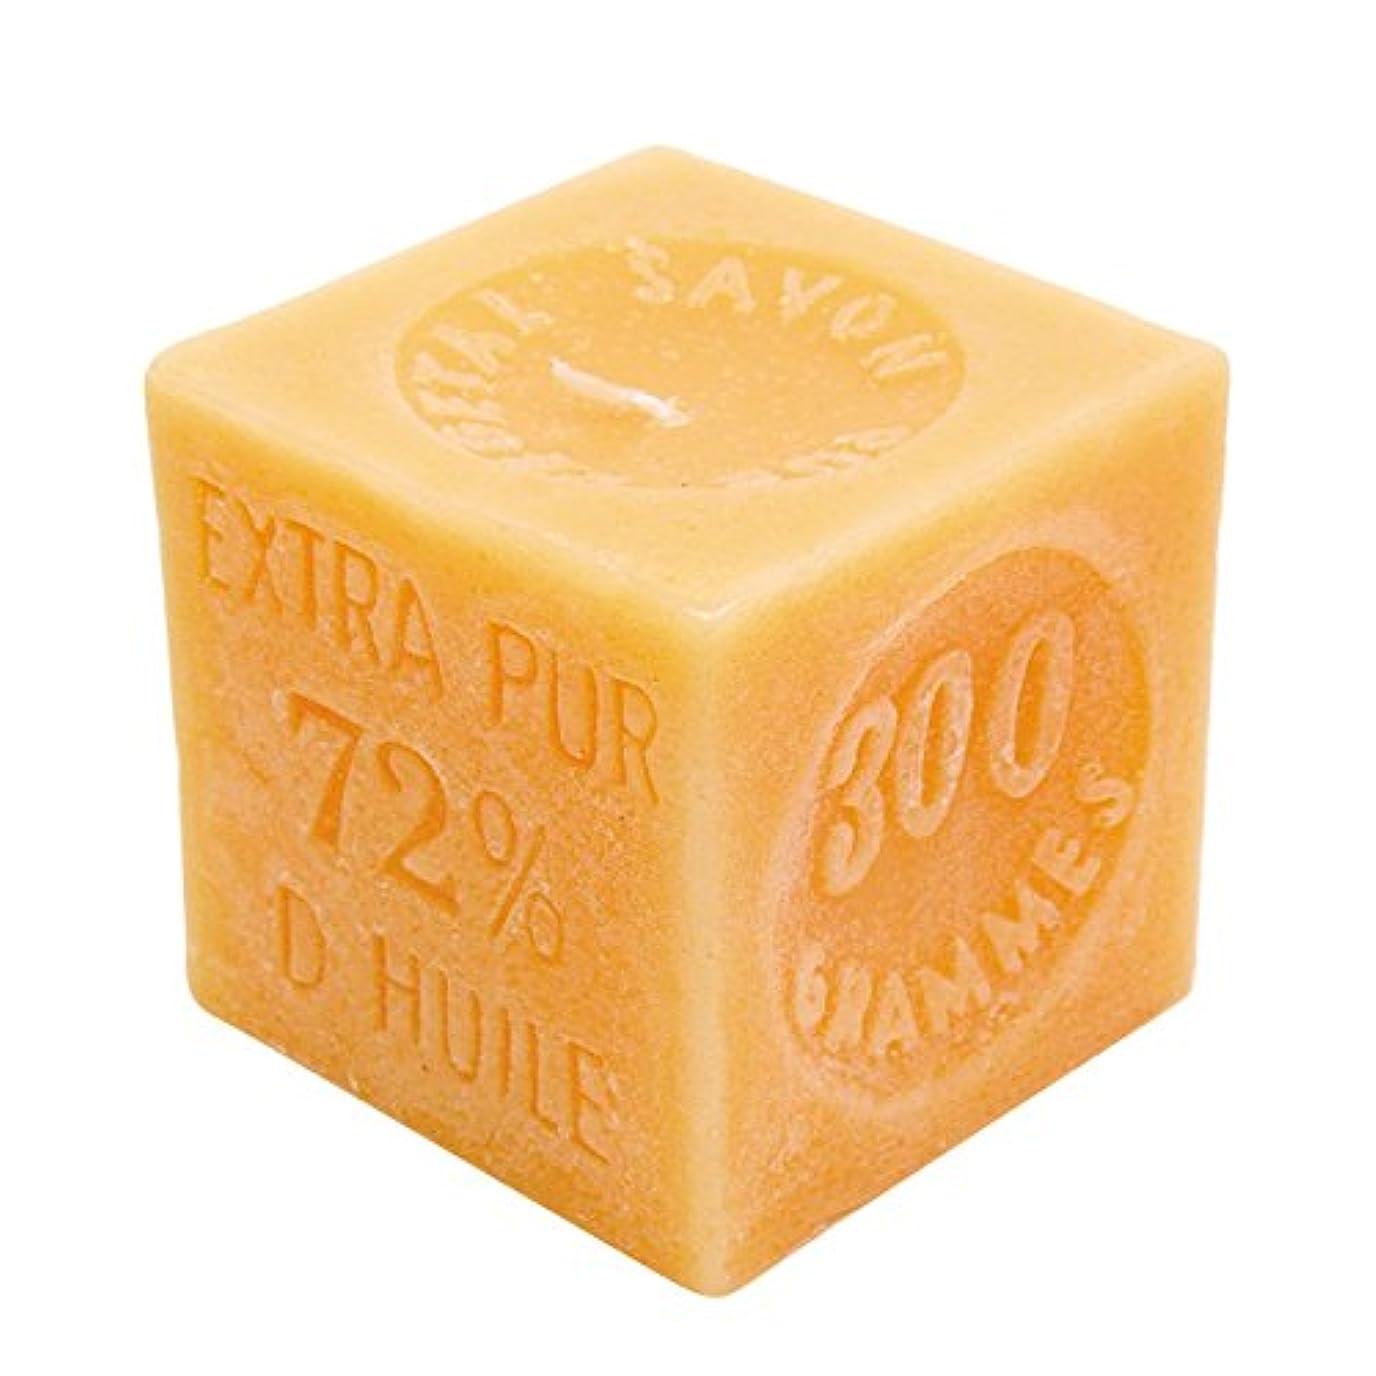 スリーブファイアル品マルセイユソープキャンドル フローラル&フルーティ 285g(ろうそく 燃焼時間約30時間)